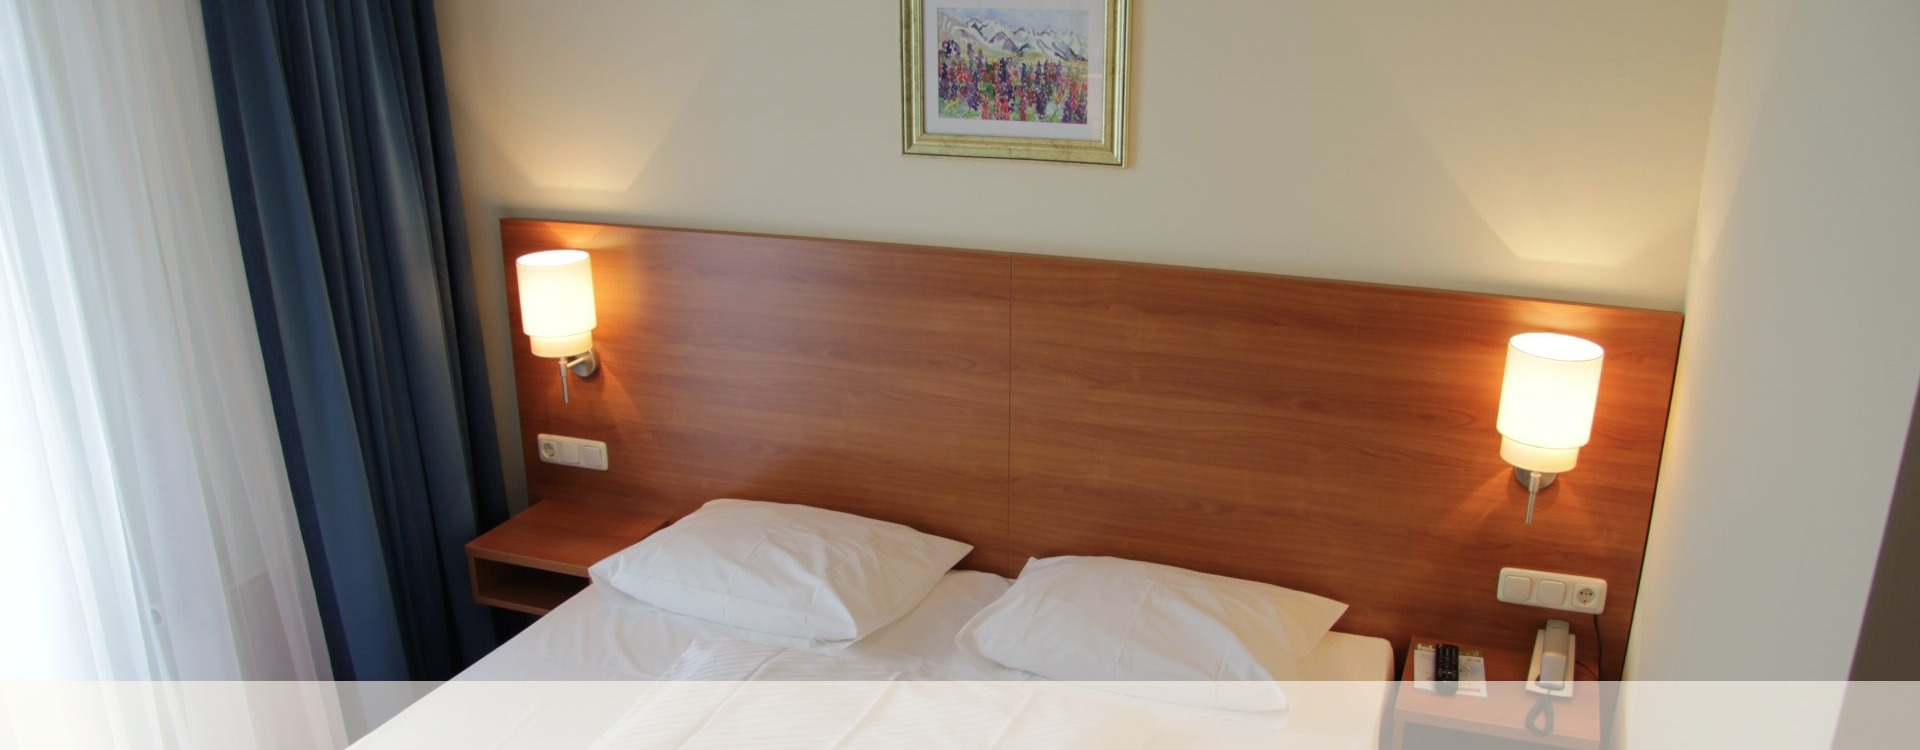 Hotel Eichenau Doppelzimmer